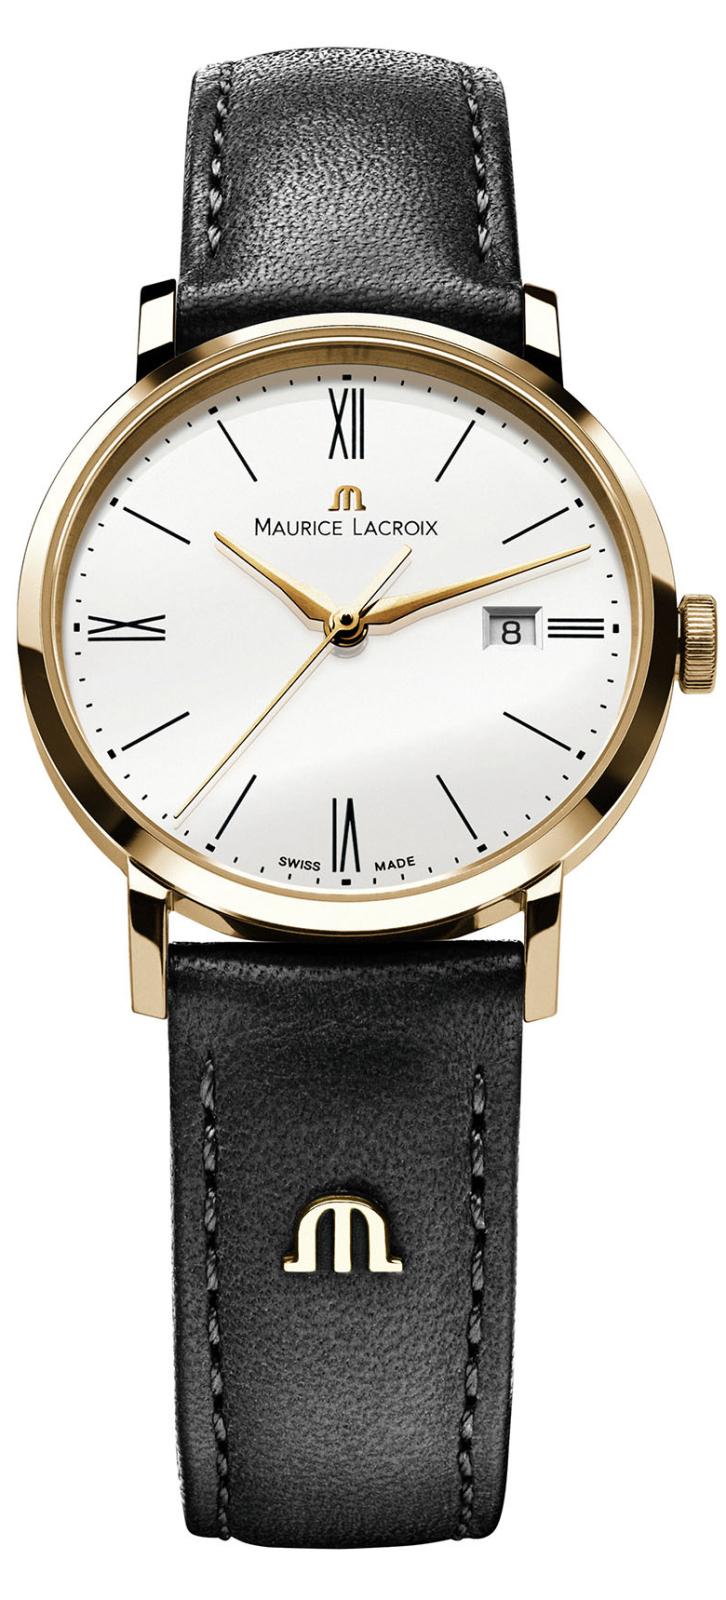 Maurice Lacroix Eliros EL1087-PVP01-110Наручные часы<br>Швейцарские часы Maurice Lacroix Eliros EL1087-PVP01-110Данная модель — яркий представитель коллекции Eliros. Это великолепные Мужские часы. Материал корпуса часов — Сталь+Золото. Ремень — Кожа. В этих часах используется Сапфировое стекло. Водозащита - 50 м. Часы обладают корпусом 38мм.<br><br>Пол: Мужские<br>Страна-производитель: Швейцария<br>Механизм: Кварцевый<br>Материал корпуса: Сталь+Золото<br>Материал ремня/браслета: Кожа<br>Водозащита, диапазон: 20 - 100 м<br>Стекло: Сапфировое<br>Толщина корпуса: None<br>Стиль: None